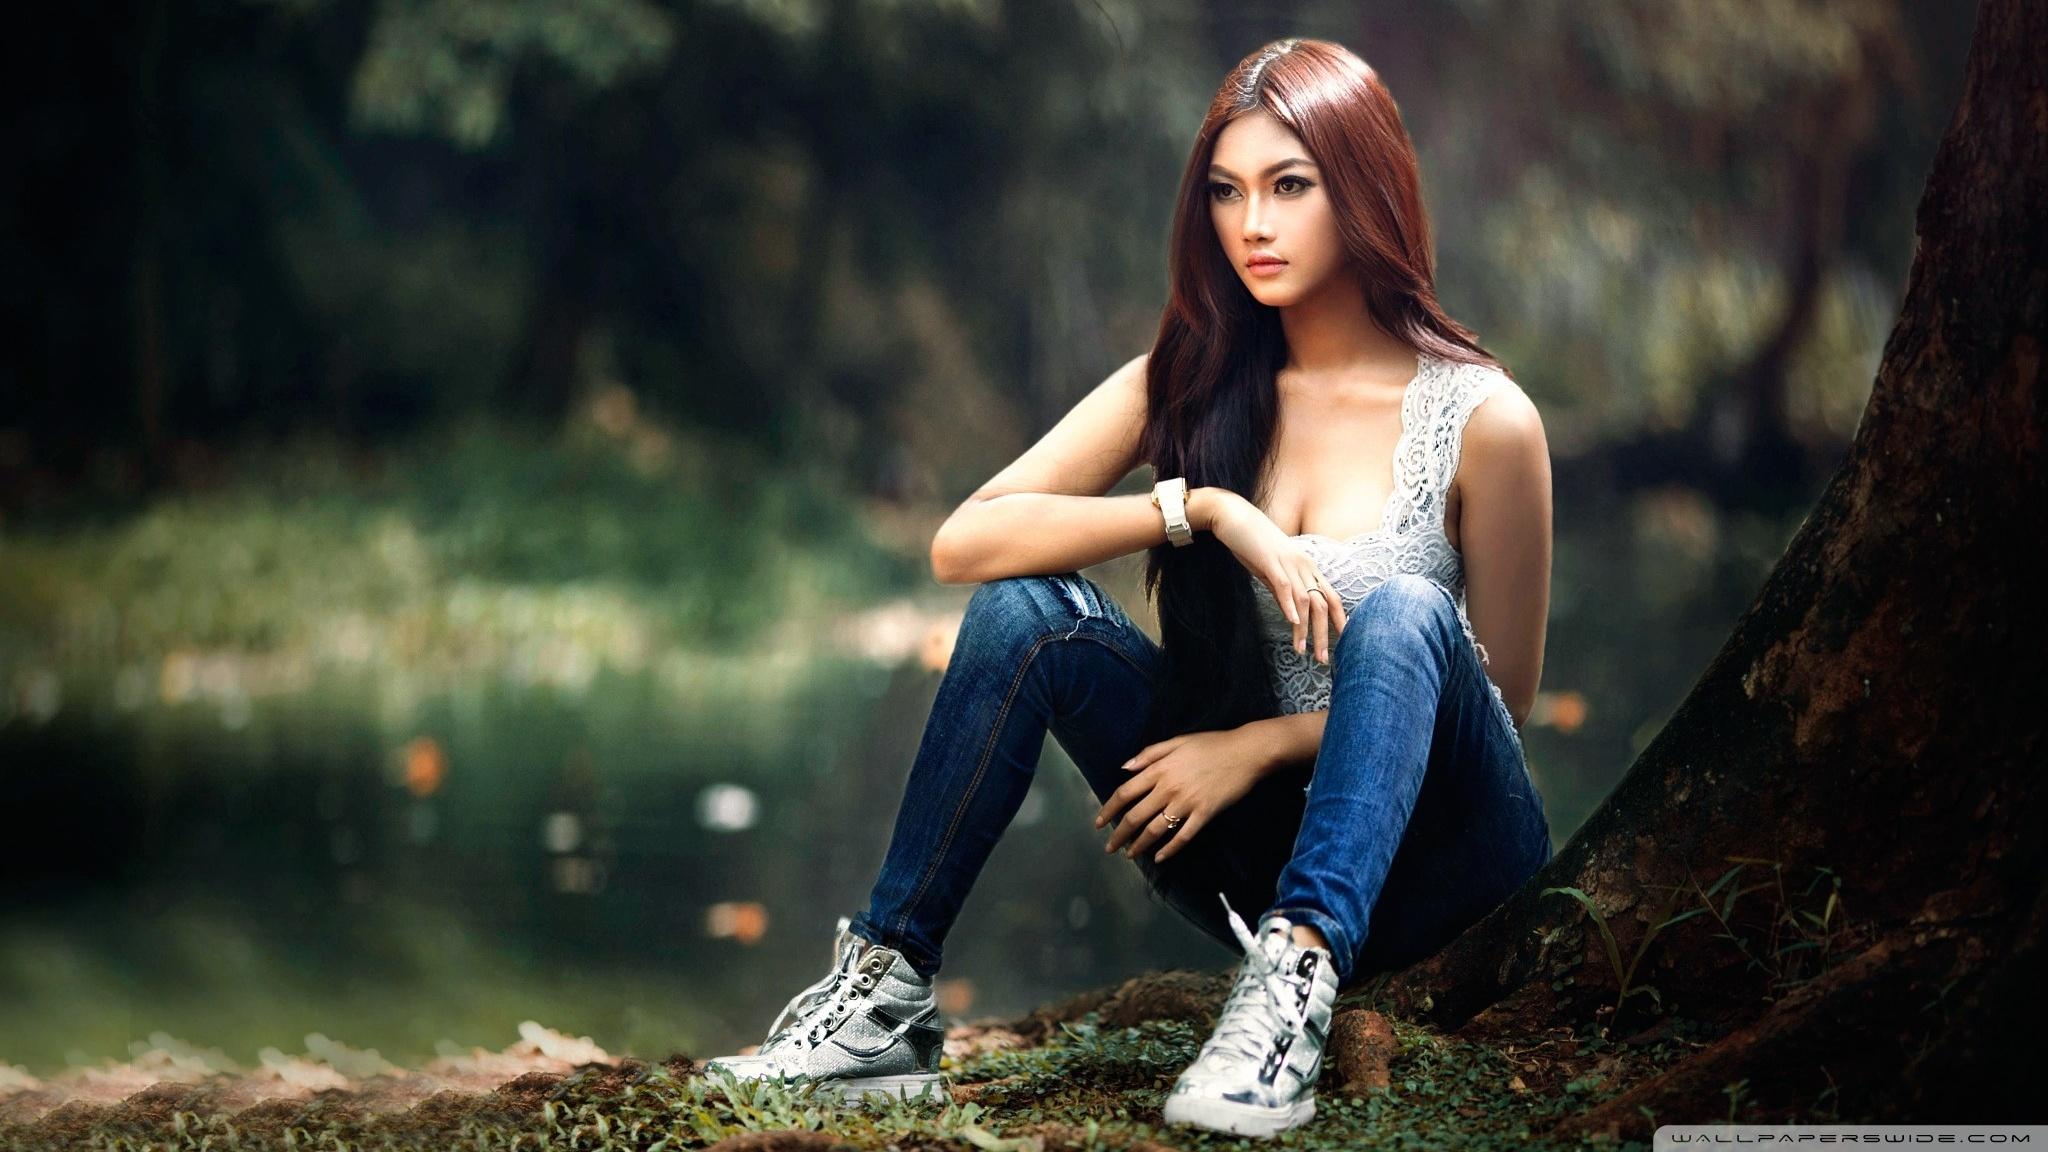 24 241341 asian girls wallpaper hd desktop asian girl hd